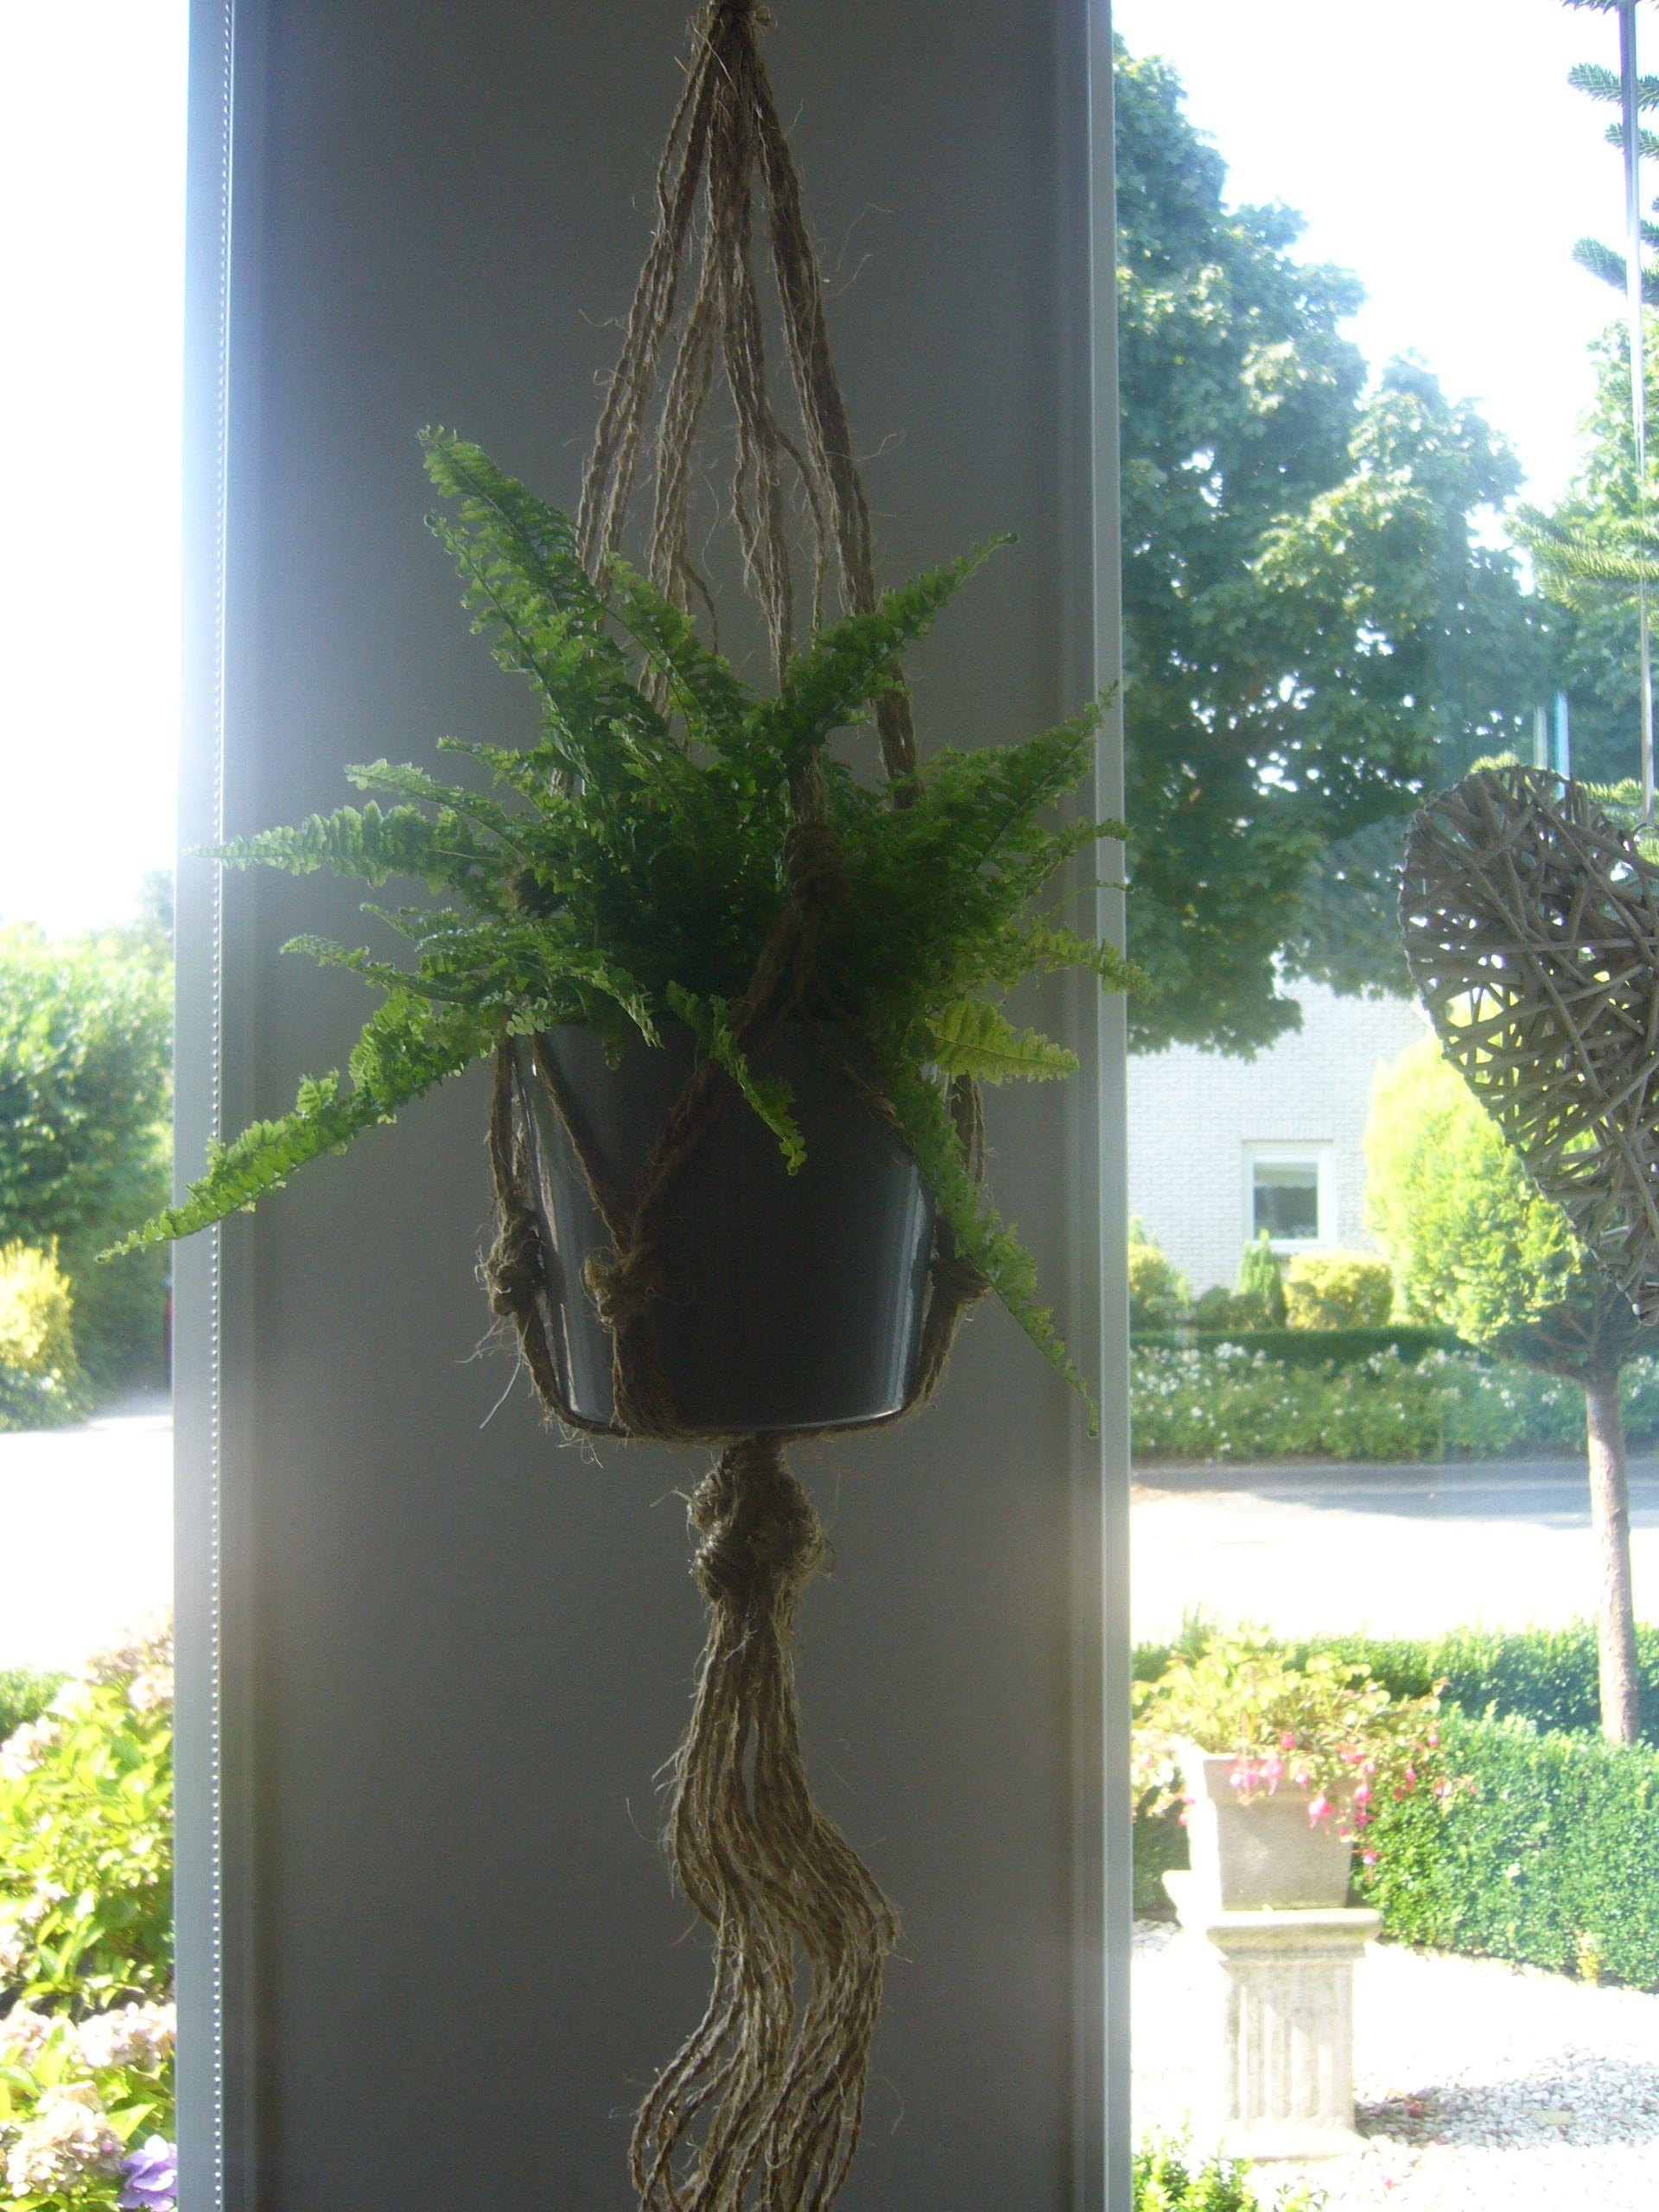 Glazen Schaal Op Voet Action.Superblij Mee Planthanger Gemaakt Met Touw Van De Action